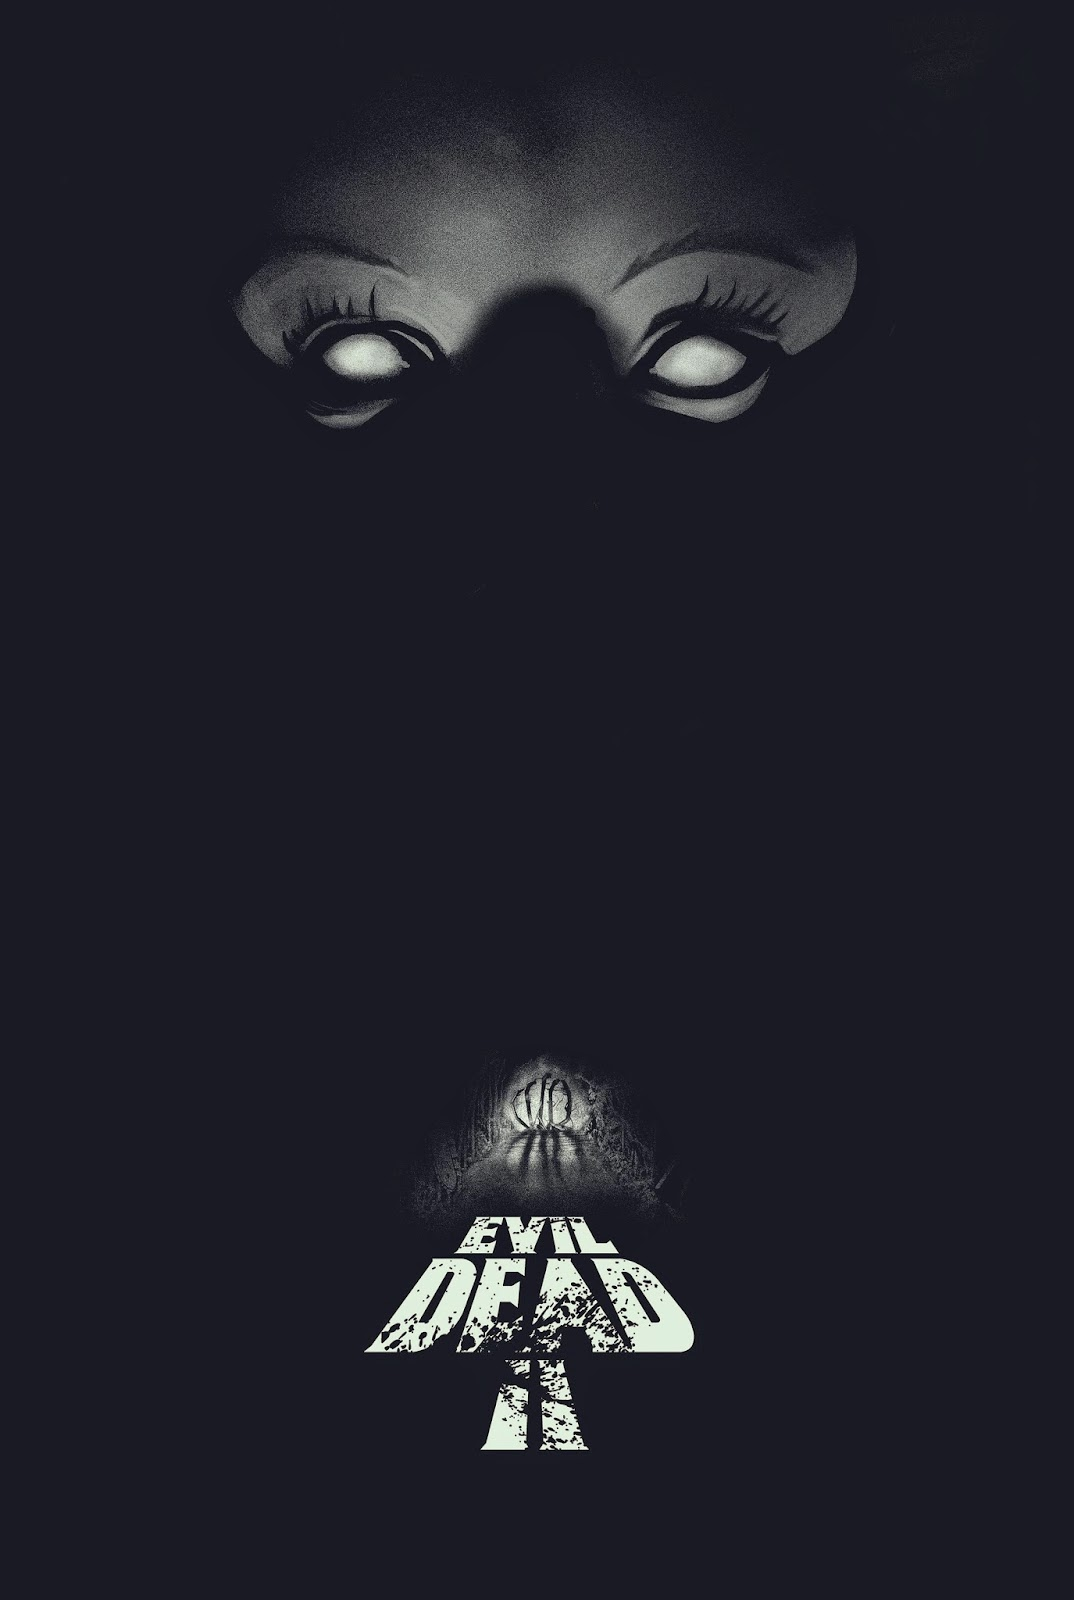 inside the rock poster frame blog gary pullin evil dead 2 movie